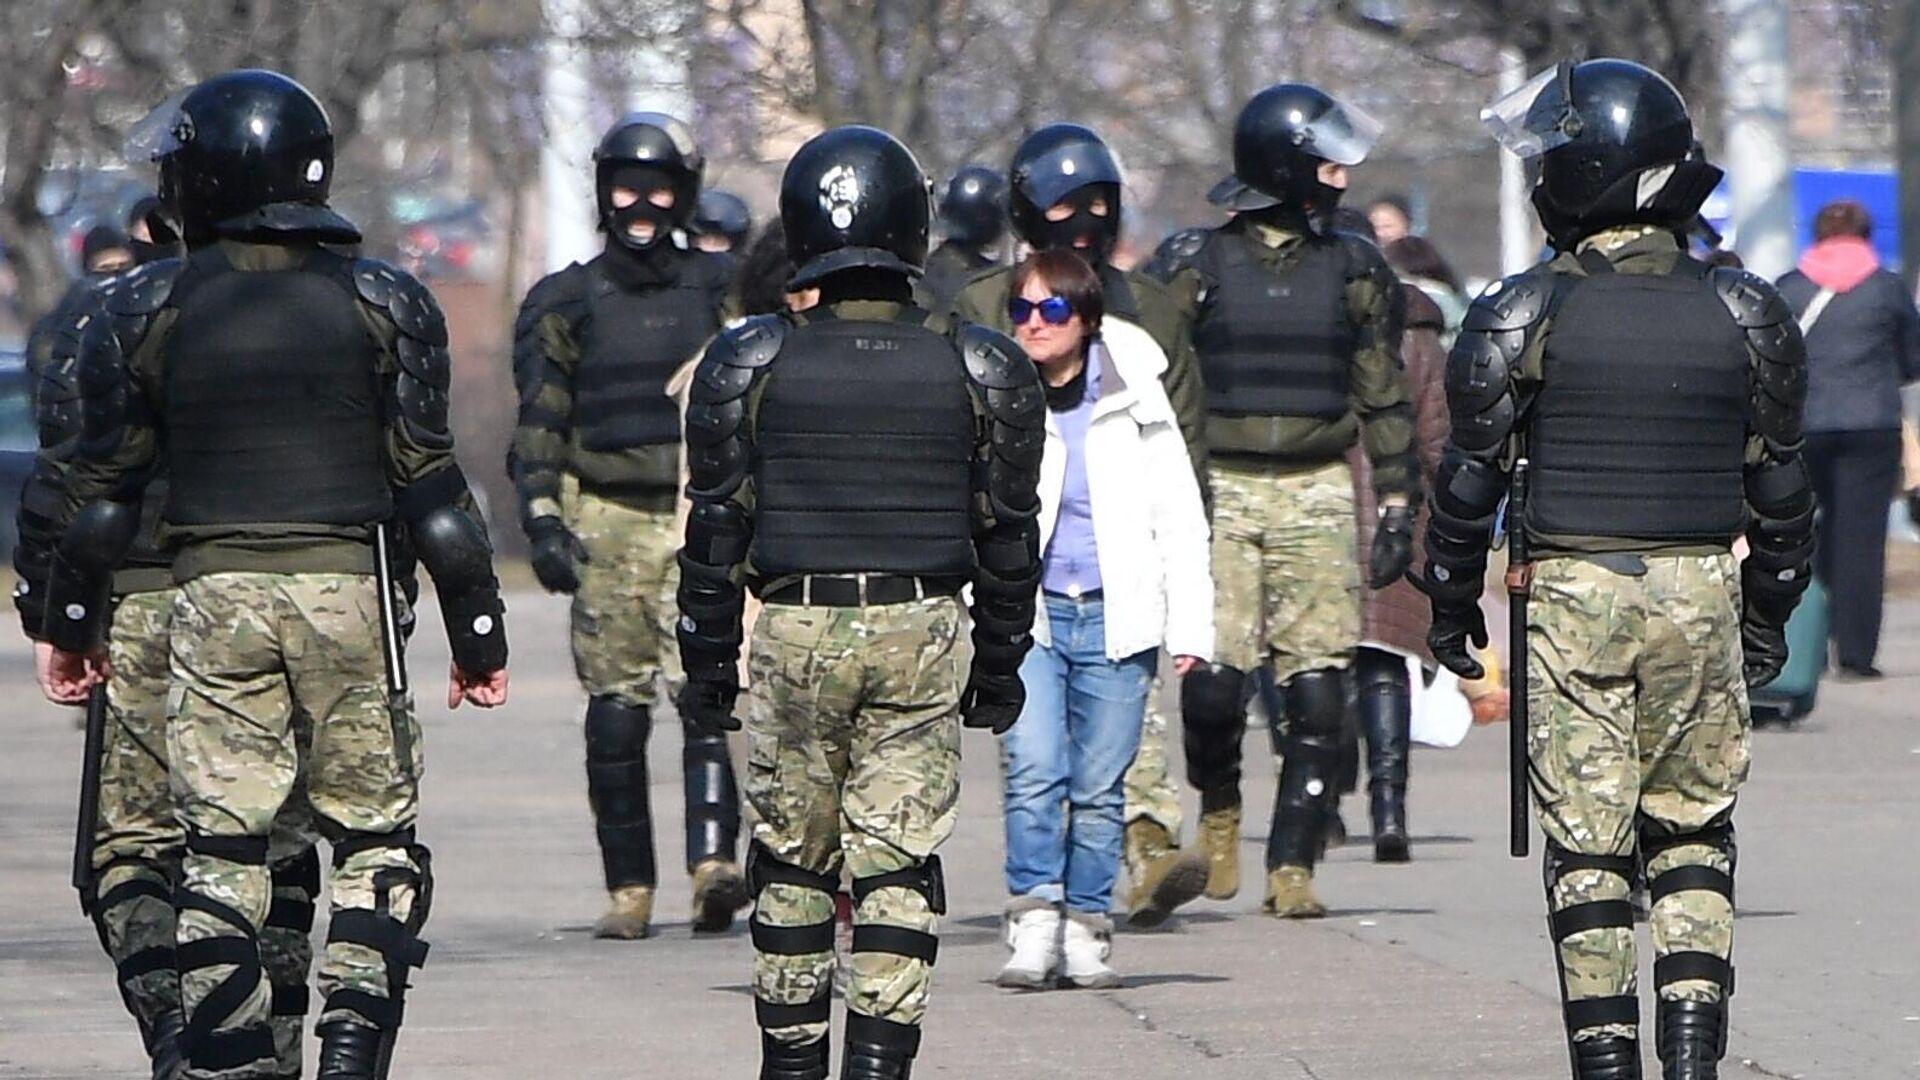 Сотрудники правоохранительных органов во время несанкционированной акции протеста в Минске - РИА Новости, 1920, 11.06.2021